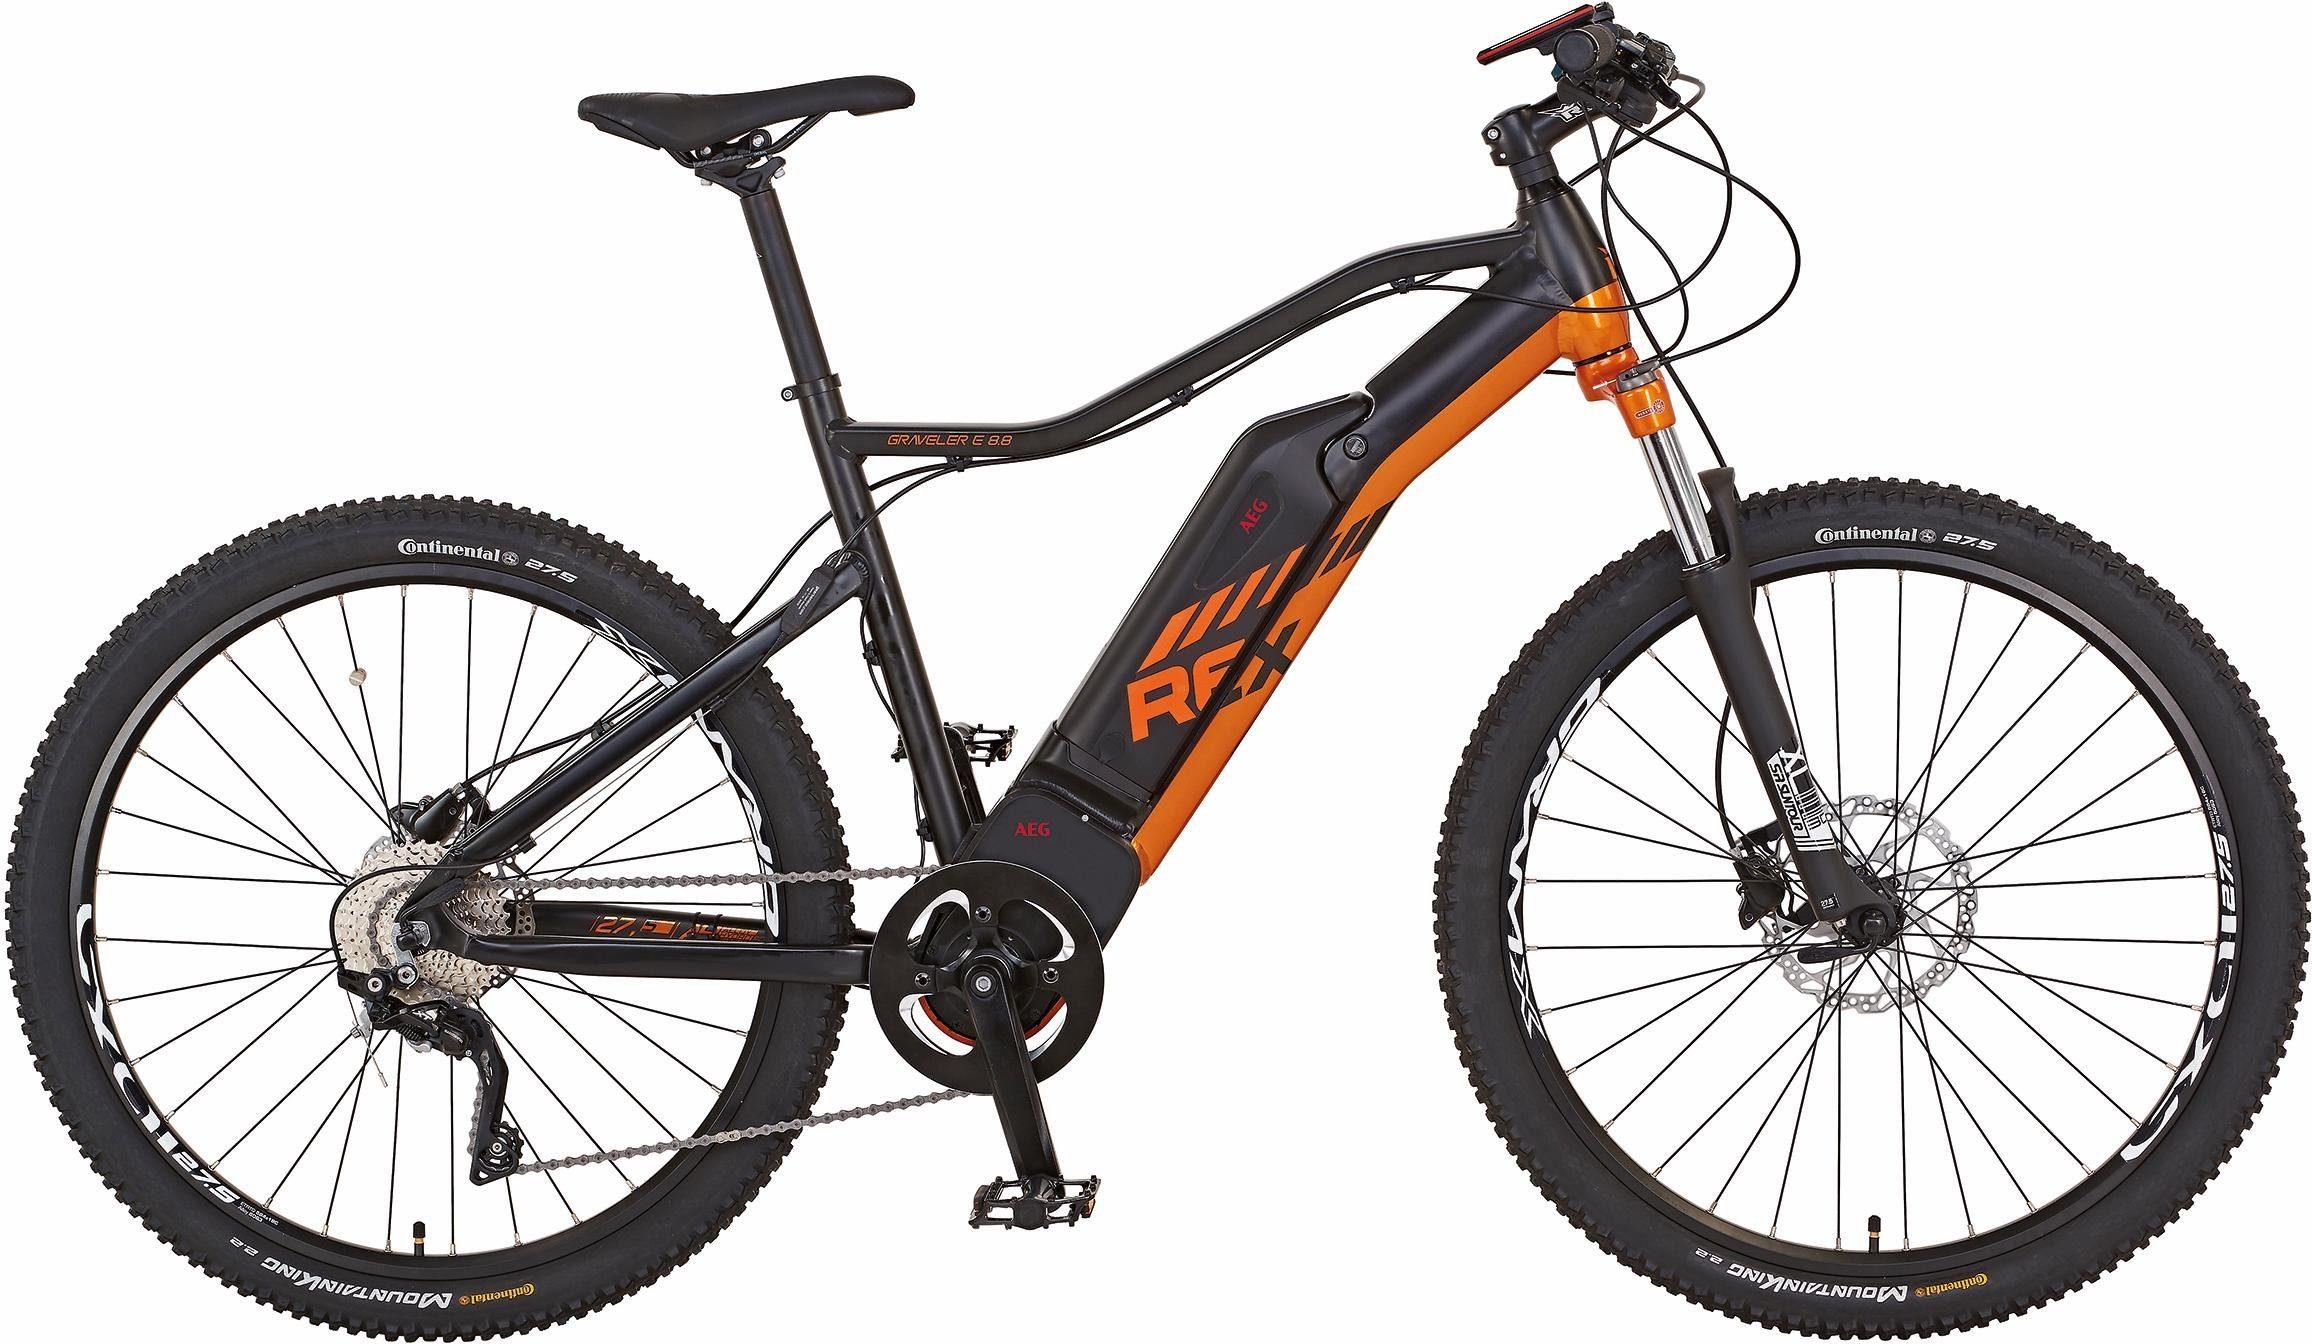 REX MTB E-Bike, HR-Motor 48V/250W, 27,5 Zoll, 10 Gang Shimano XT, »Graveler e 8.8 HT«